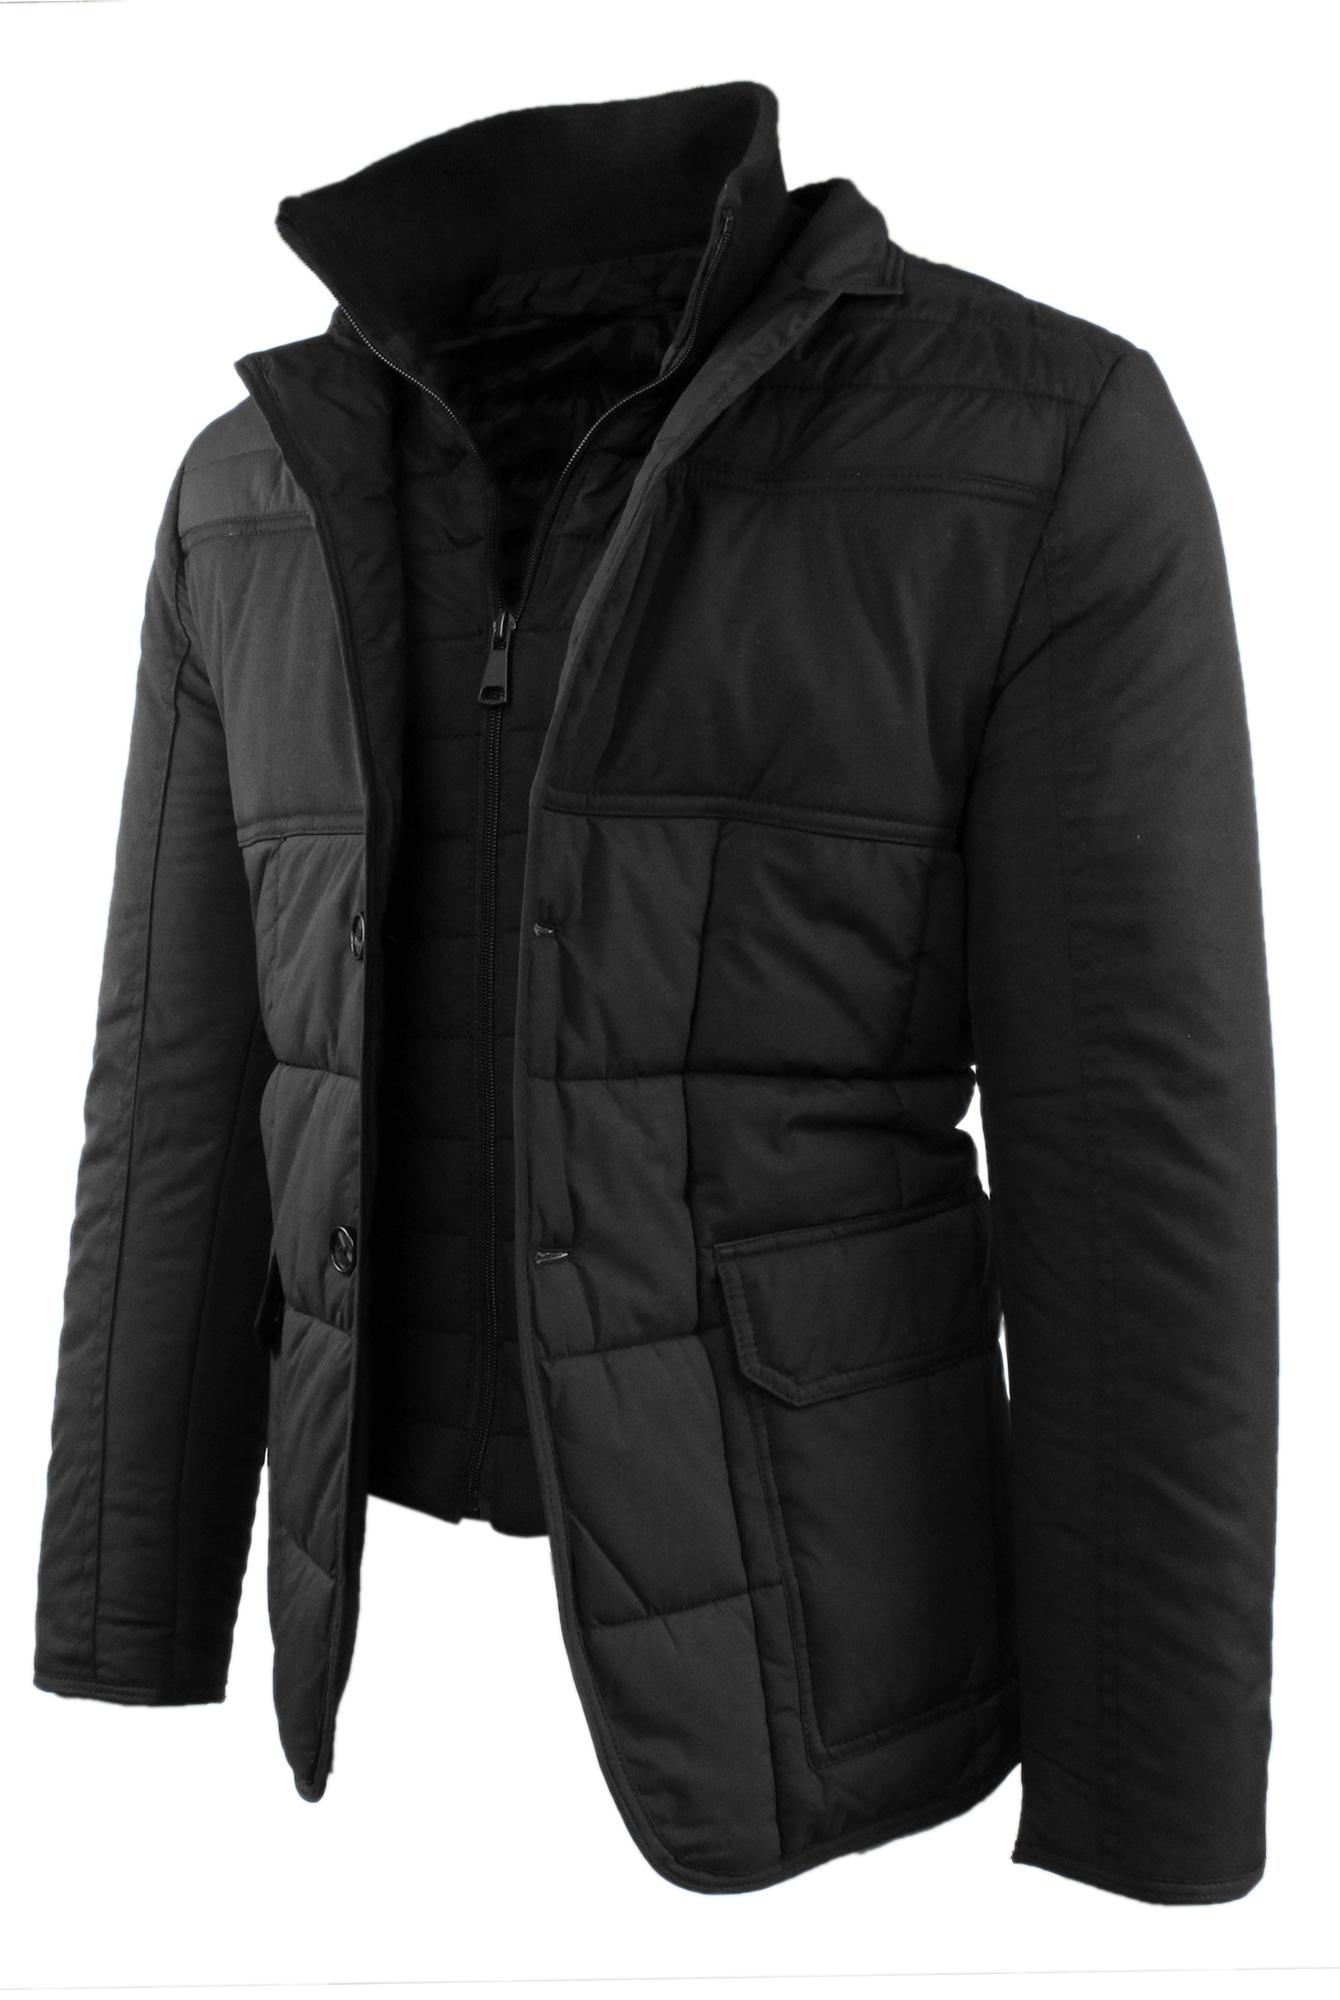 Giubbotto-Uomo-Invernale-Slim-Fit-Blu-Nero-Giacca-Elegante-Trapuntata-Cappotto miniatura 11